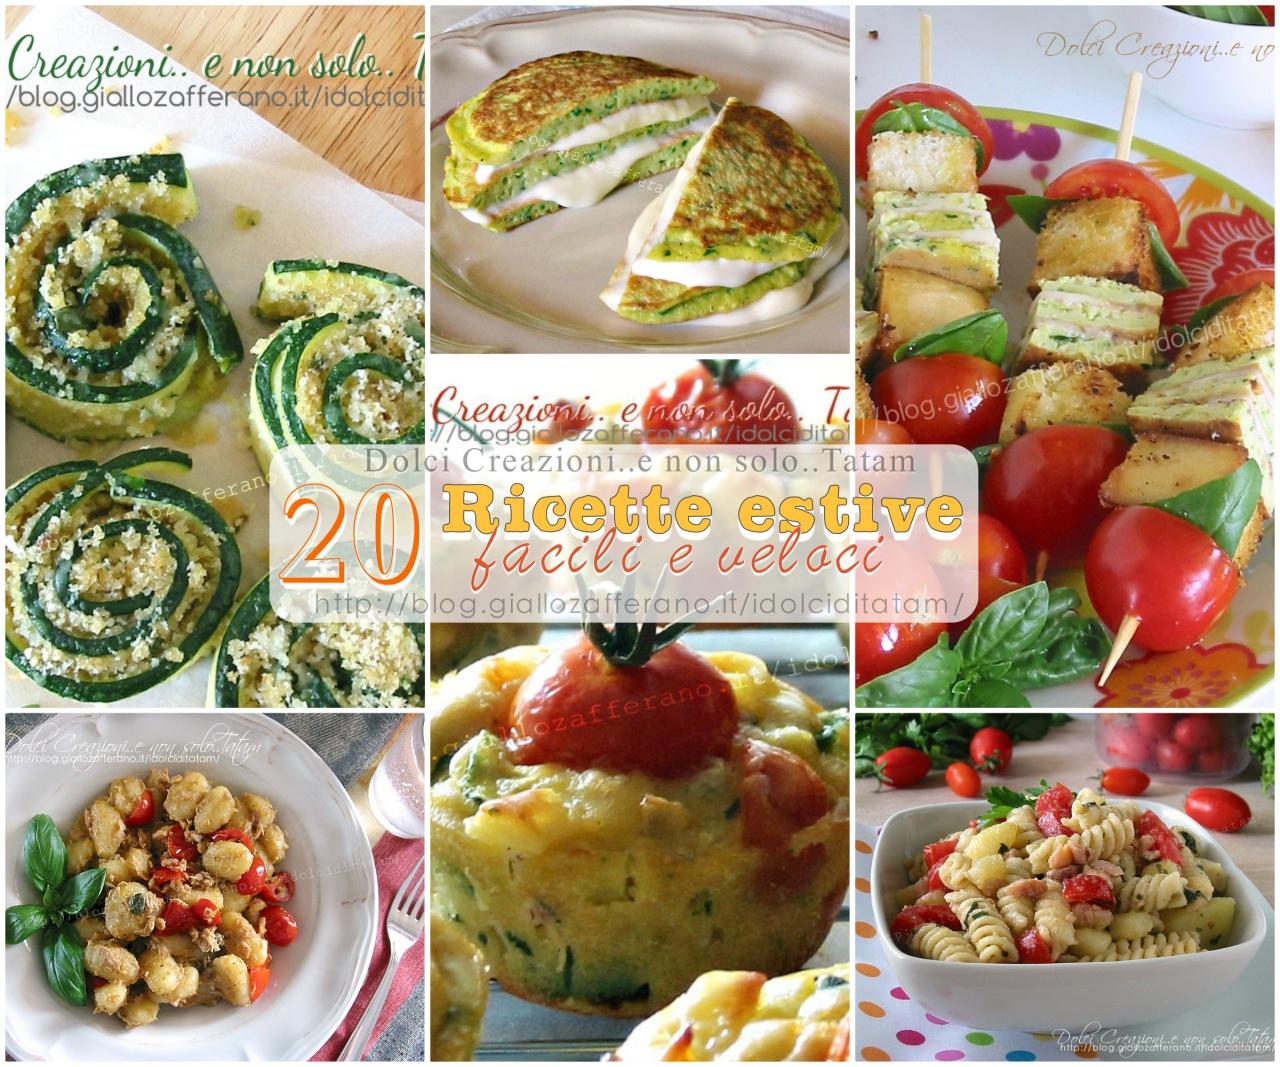 Ricette facili e veloci estive ricette popolari della - Ricette cucina italiana ...